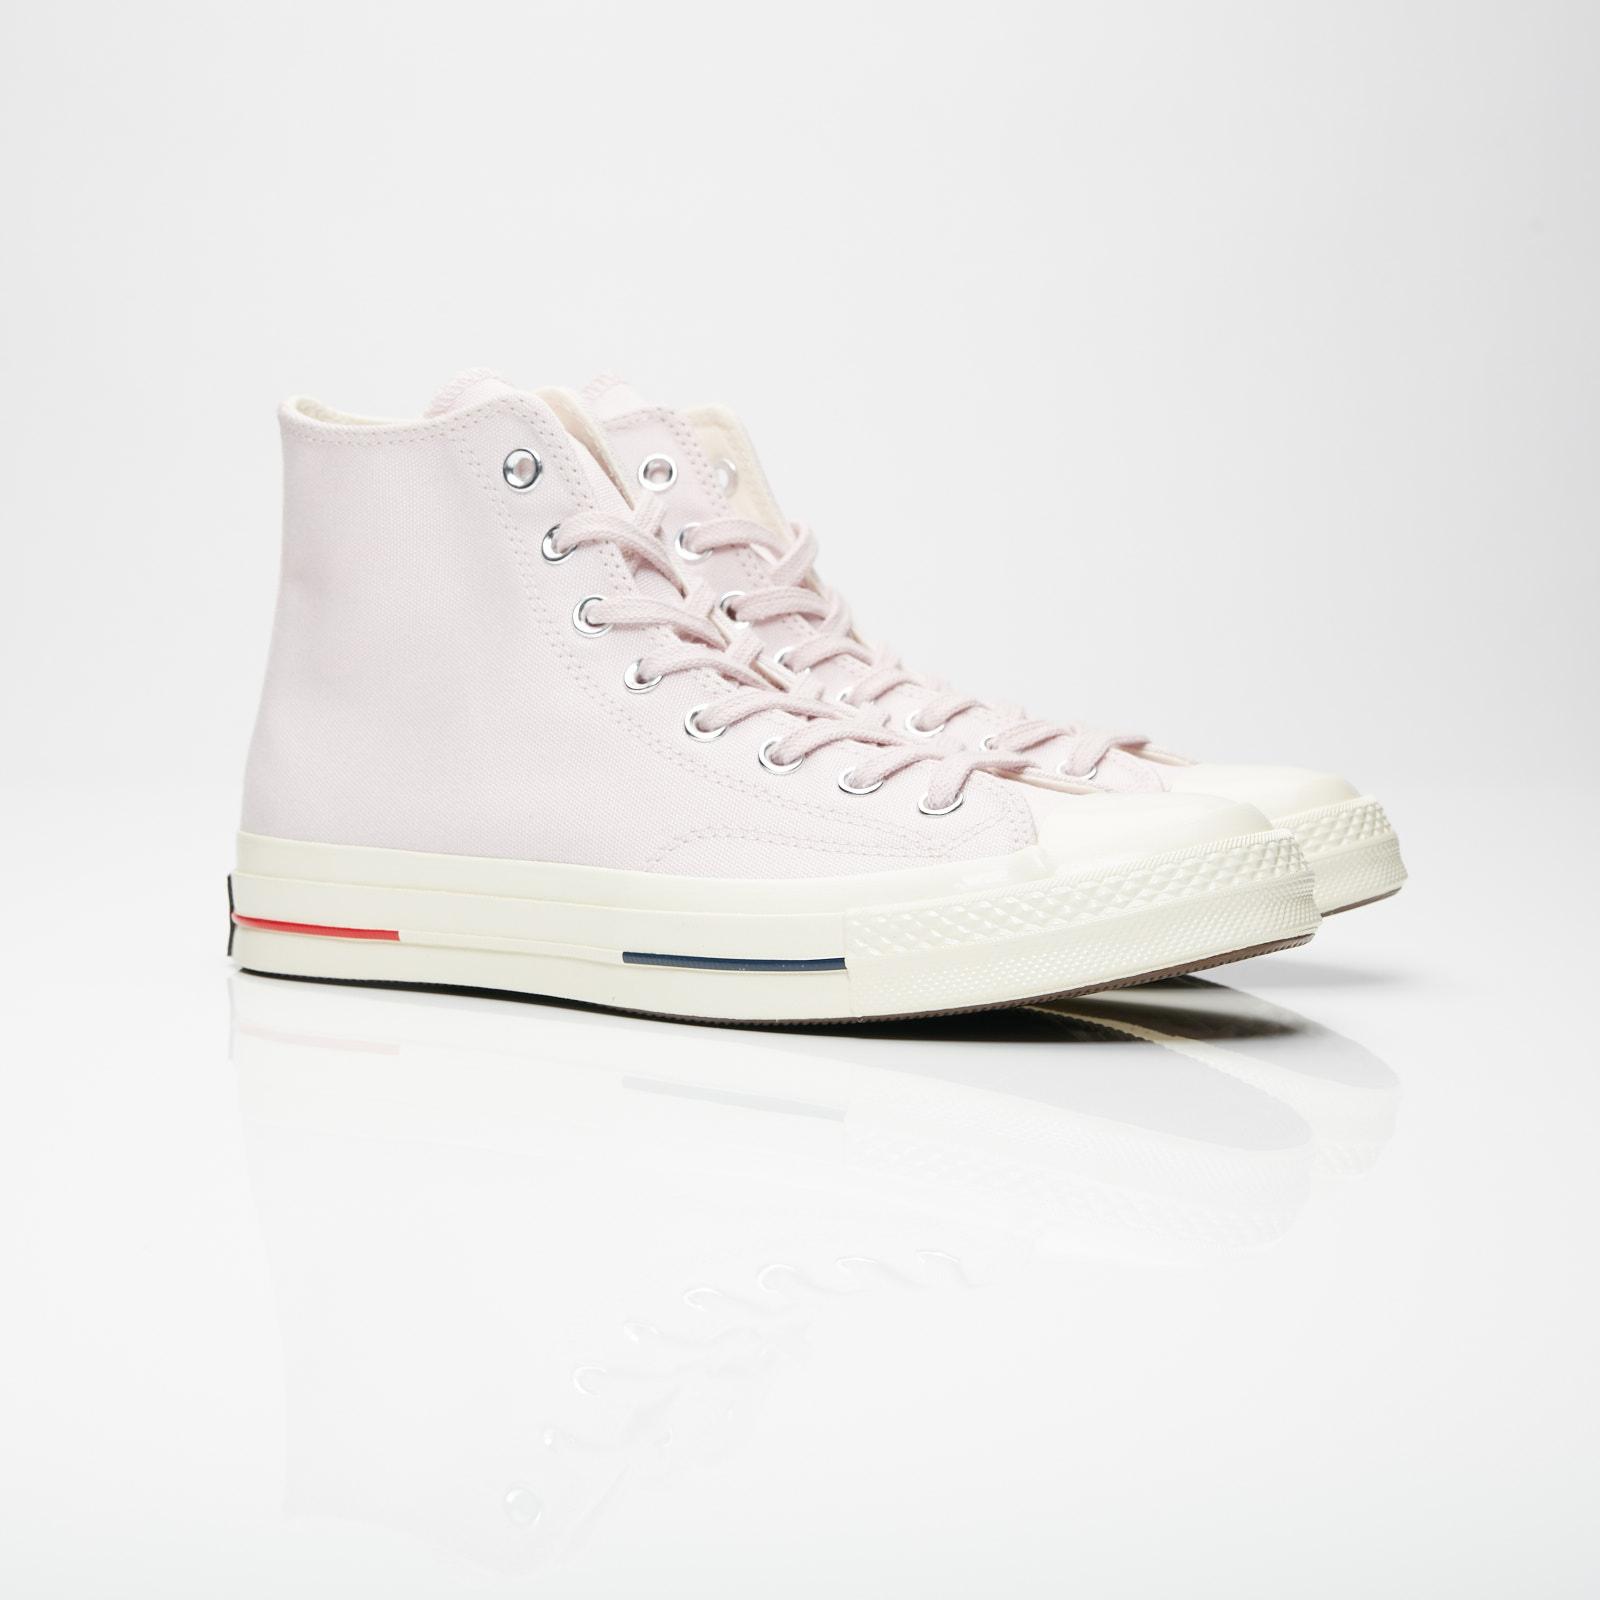 d5535c709f56 Converse Chuck 70 Hi - 160492c - Sneakersnstuff